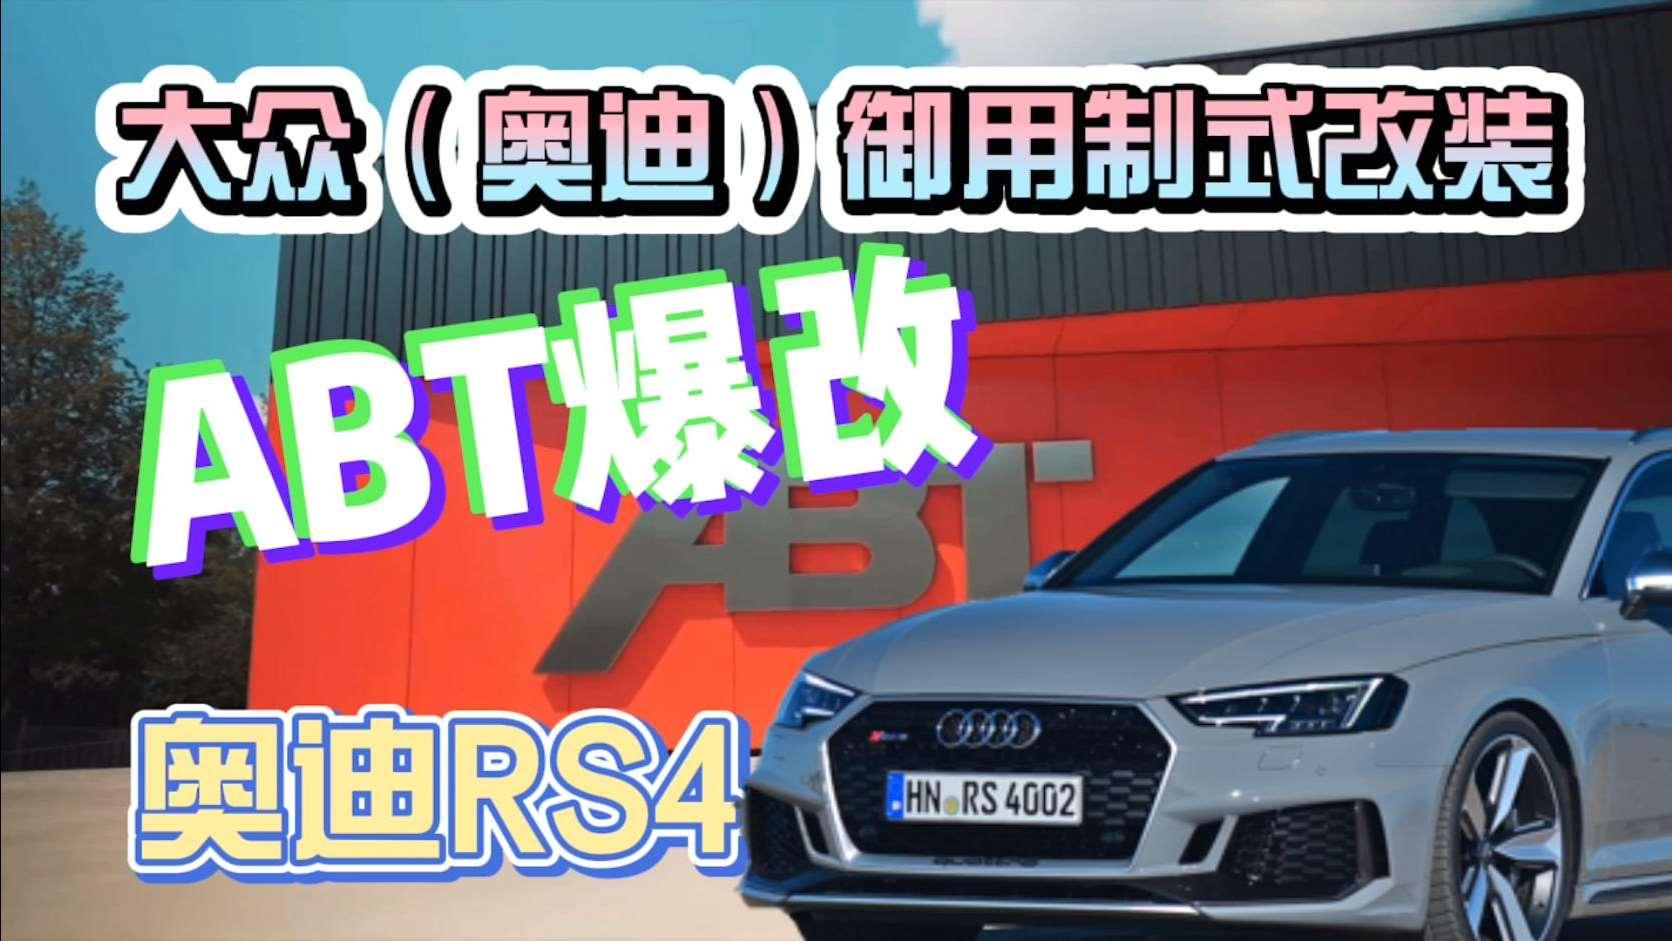 【视频】看看严谨的德国人是怎么改大众奥迪的御用ABT制式改装奥迪RS4